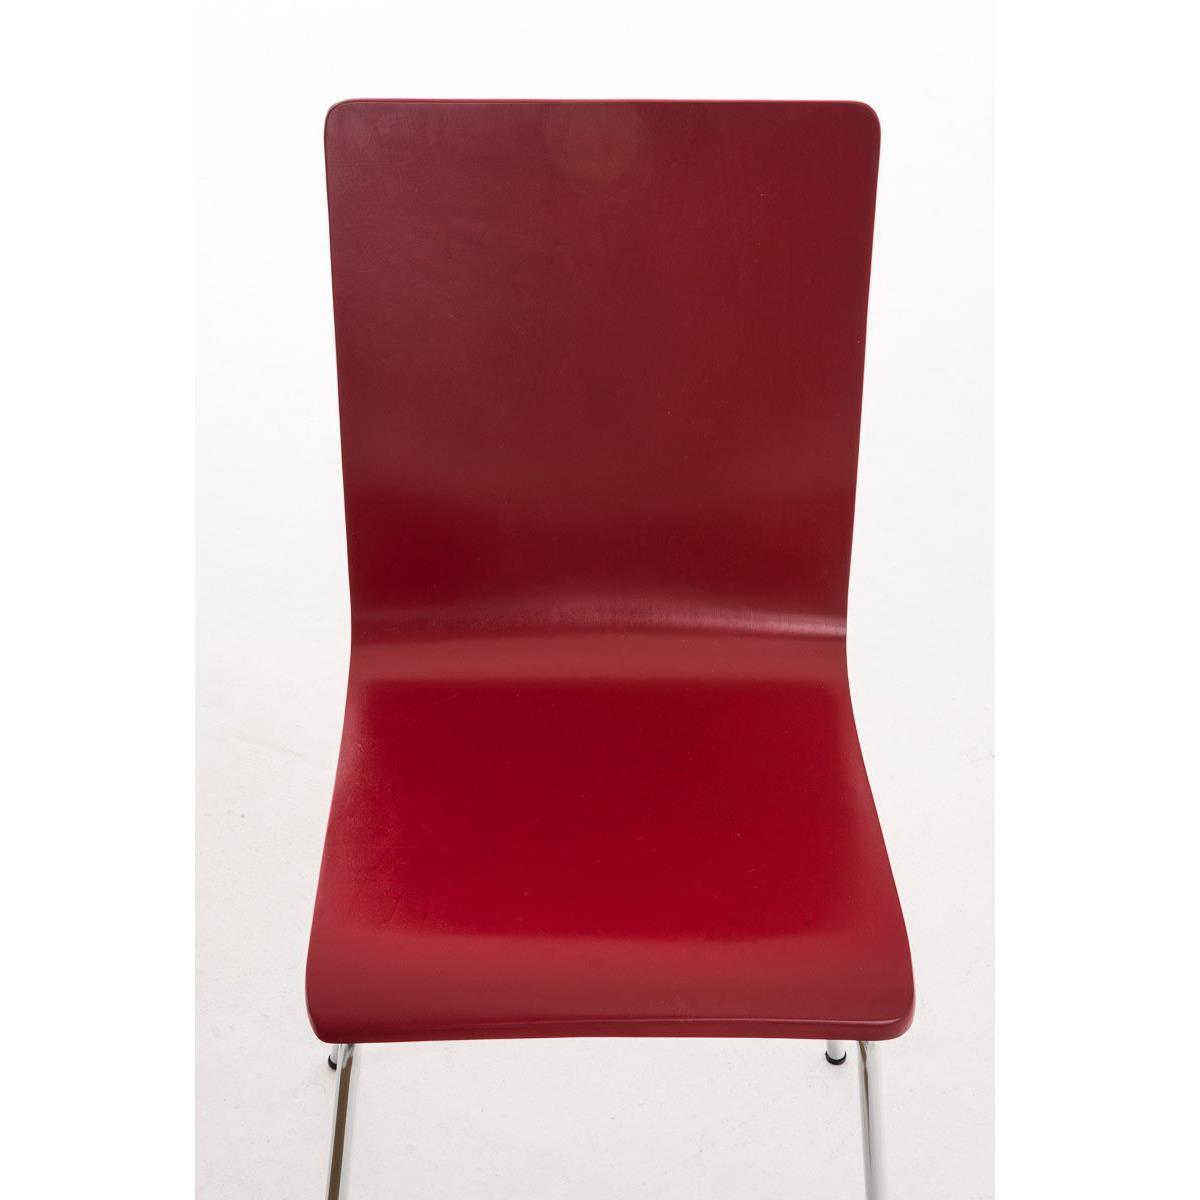 Silla de cocina o comedor lodi en color rojo silla de - Sillas comedor colores ...